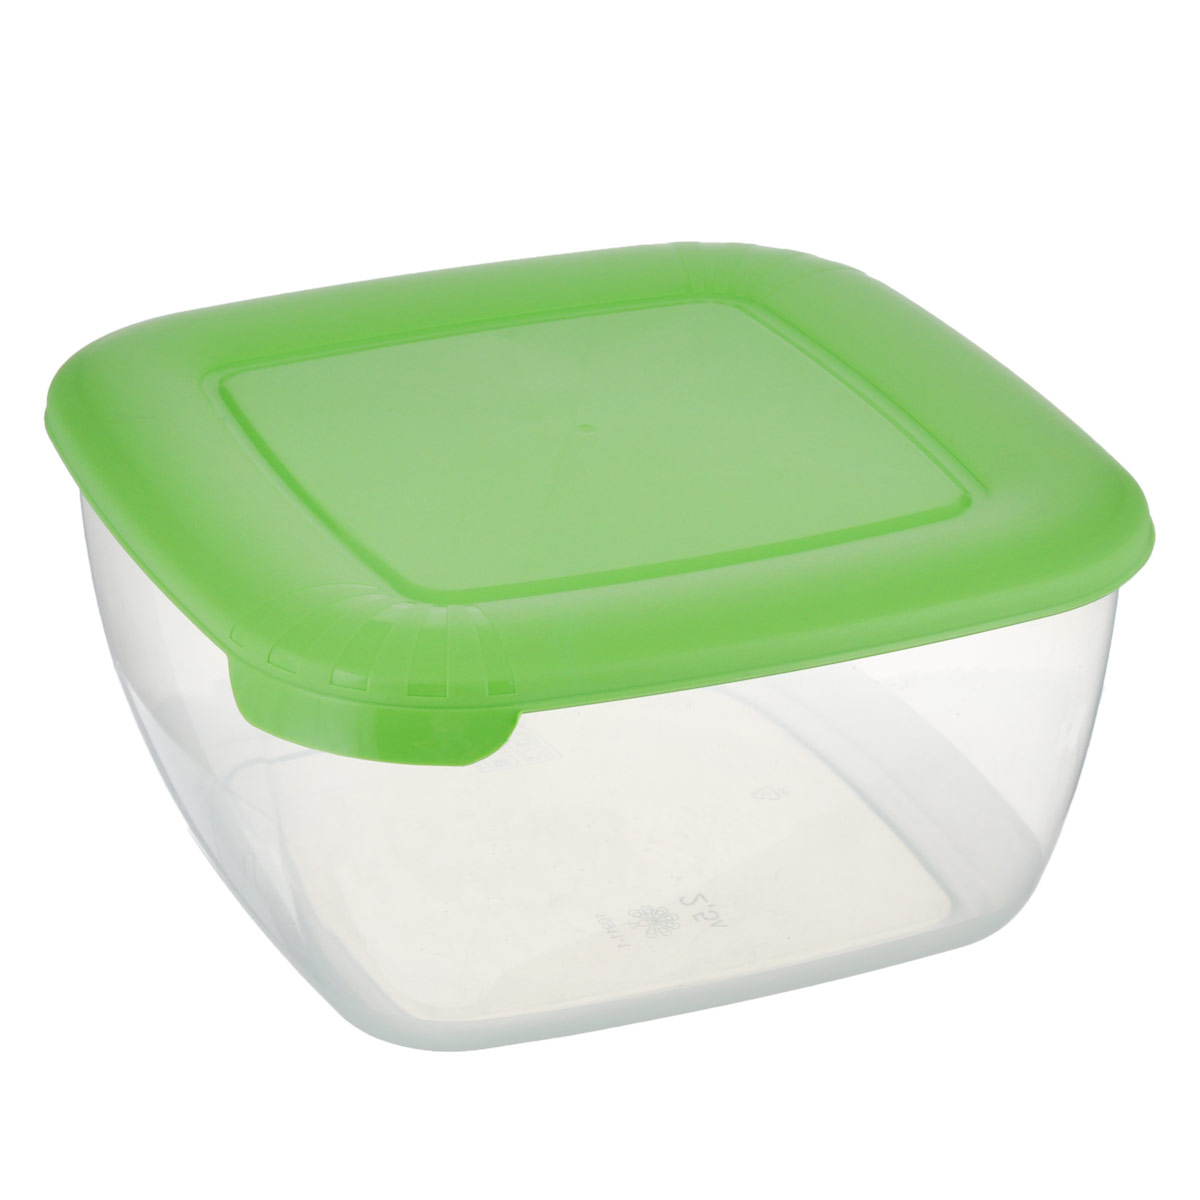 """Контейнер Полимербыт """"Лайт"""" квадратной формы, изготовленный из прочного пластика, предназначен специально для хранения пищевых продуктов. Крышка легко открывается и плотно закрывается.   Контейнер устойчив к воздействию масел и жиров, легко моется. Прозрачные стенки позволяют видеть содержимое. Контейнер имеет возможность хранения продуктов глубокой заморозки, обладает высокой прочностью. Подходит для использования в микроволновых печах.  Можно мыть в посудомоечной машине."""